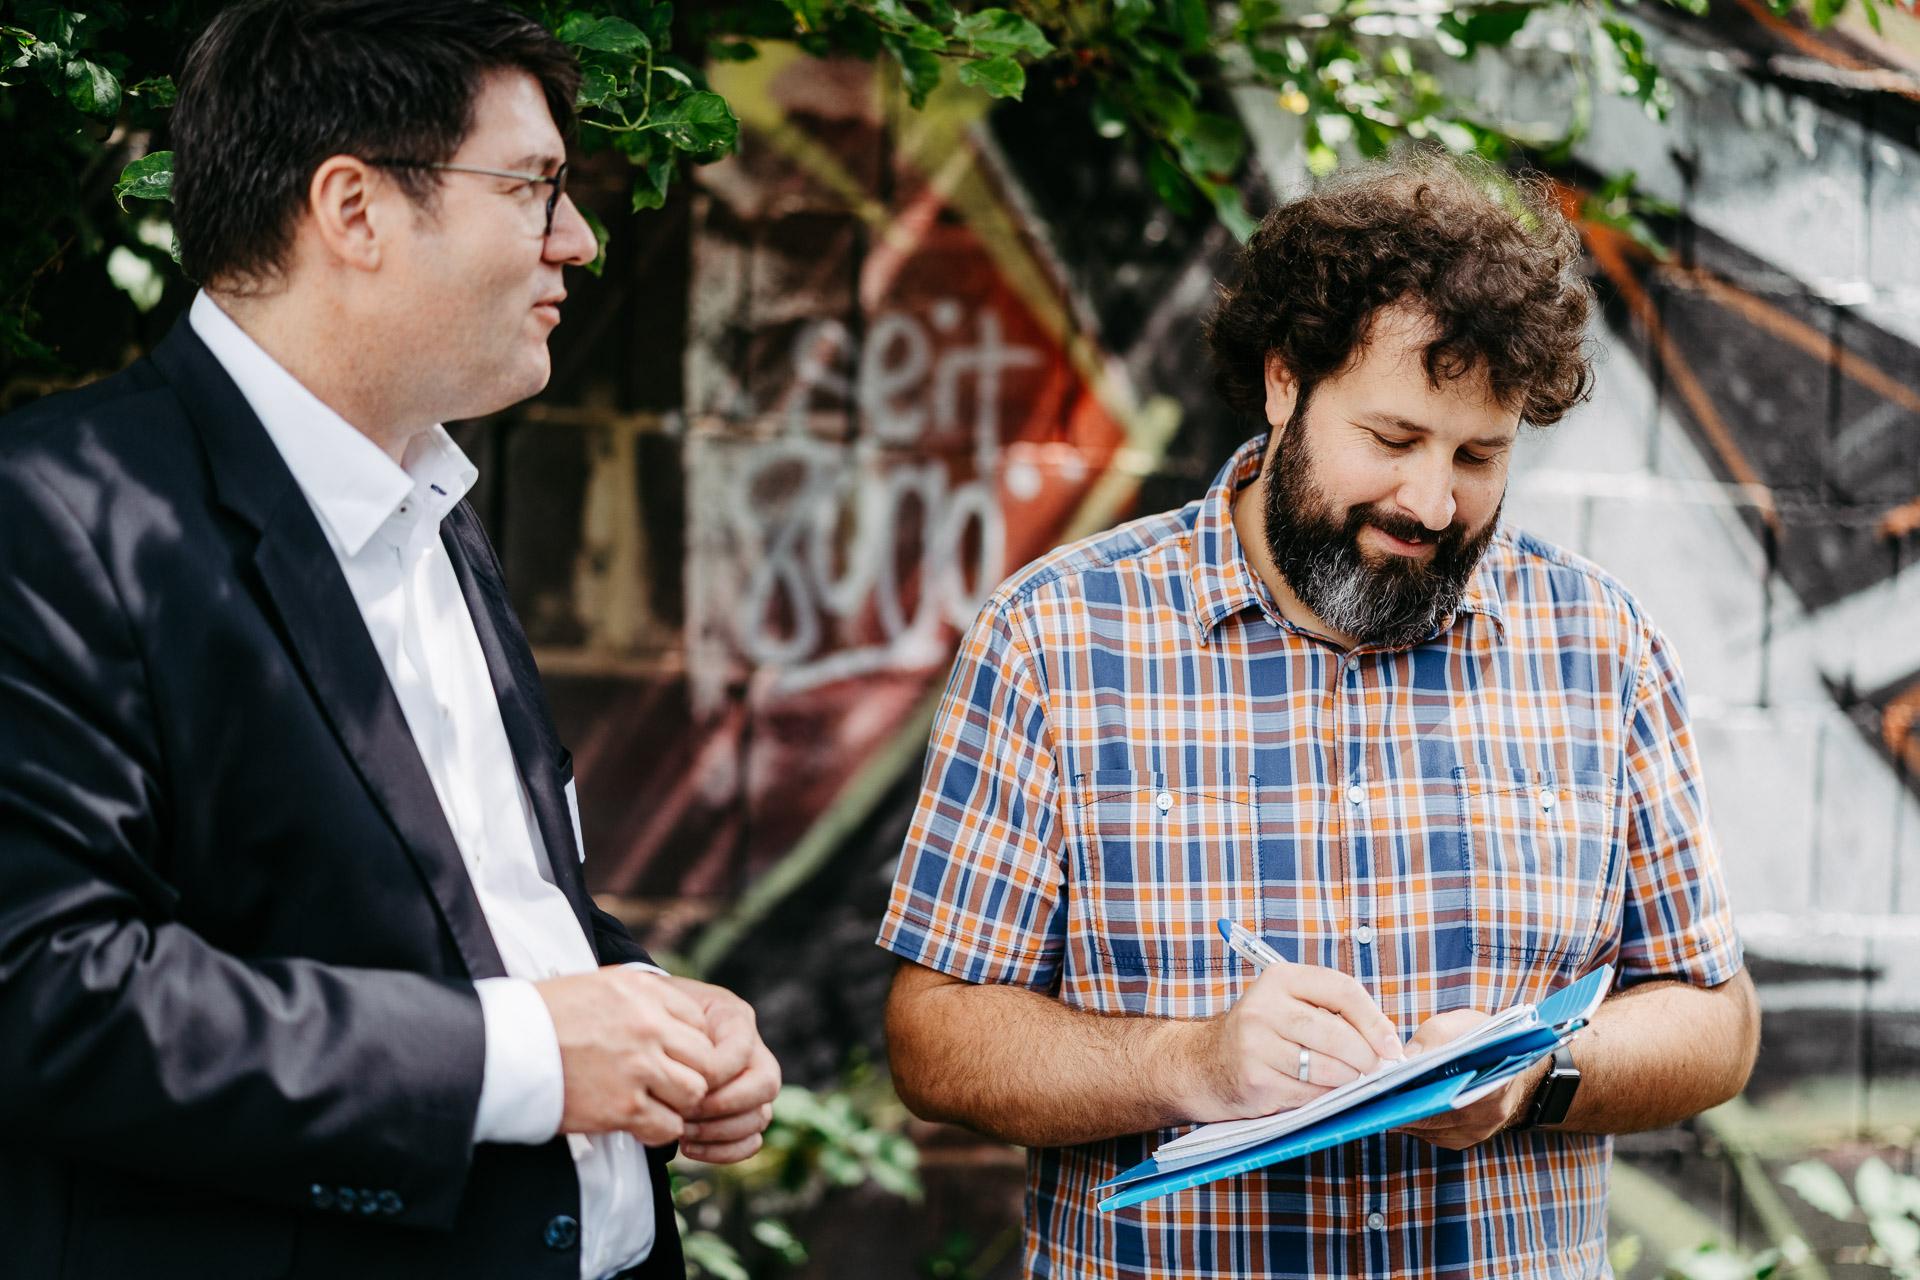 Zwei Männer sind im Gespräch, einer macht sich Notizen.